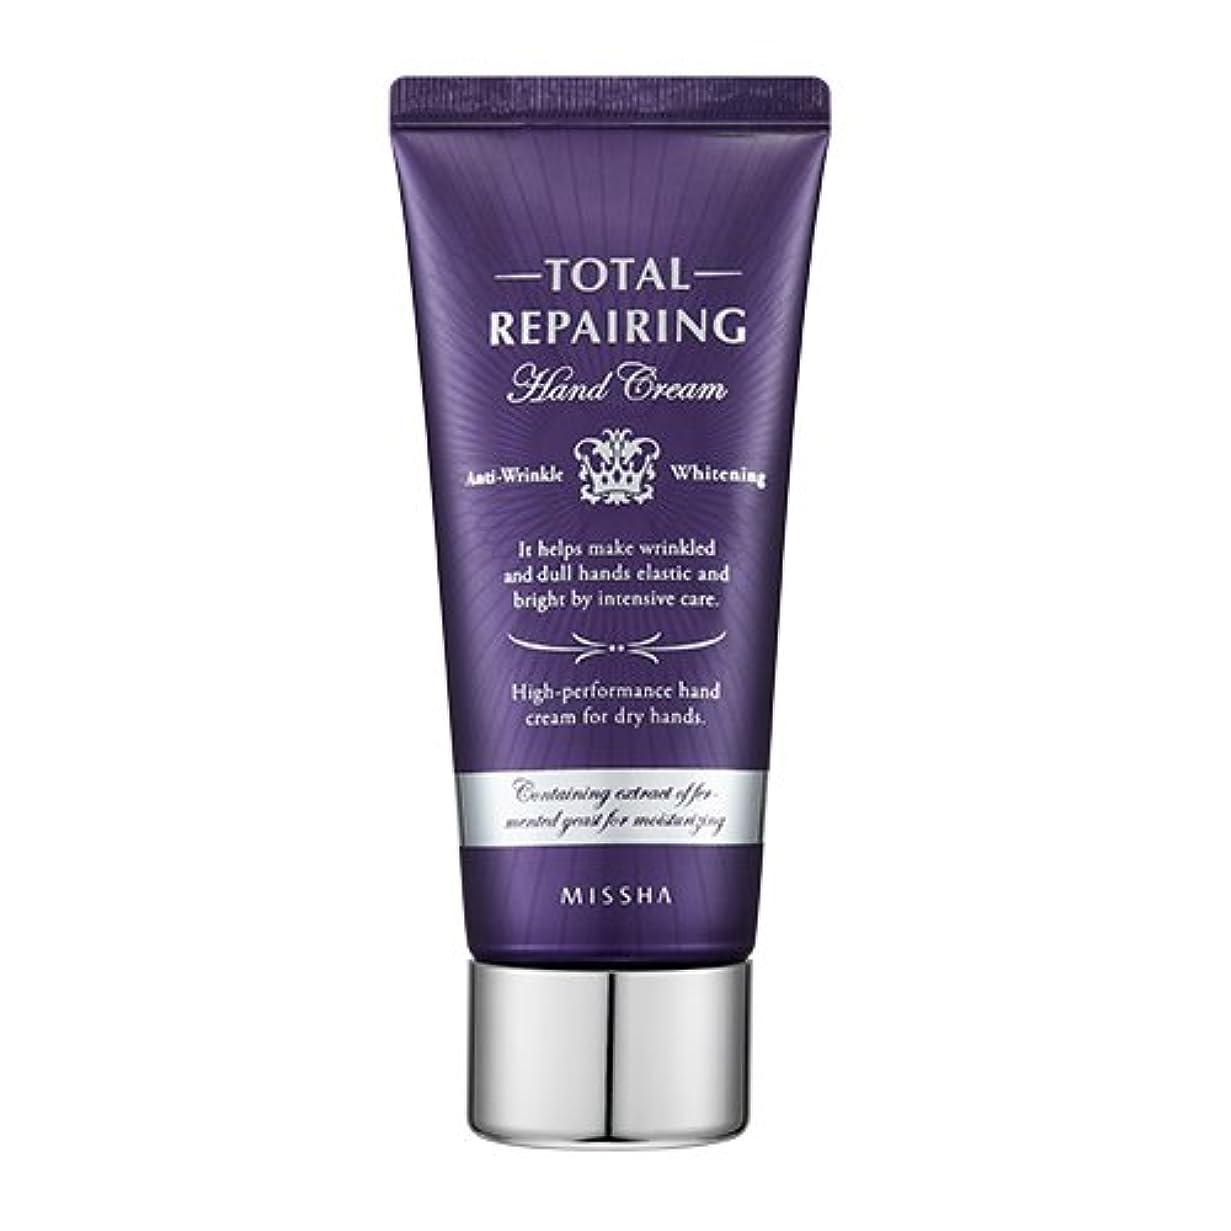 海外混雑確認するMISSHA Total Repairing Hand Cream 60ml/ミシャ トータル リペアリング ハンドクリーム 60ml